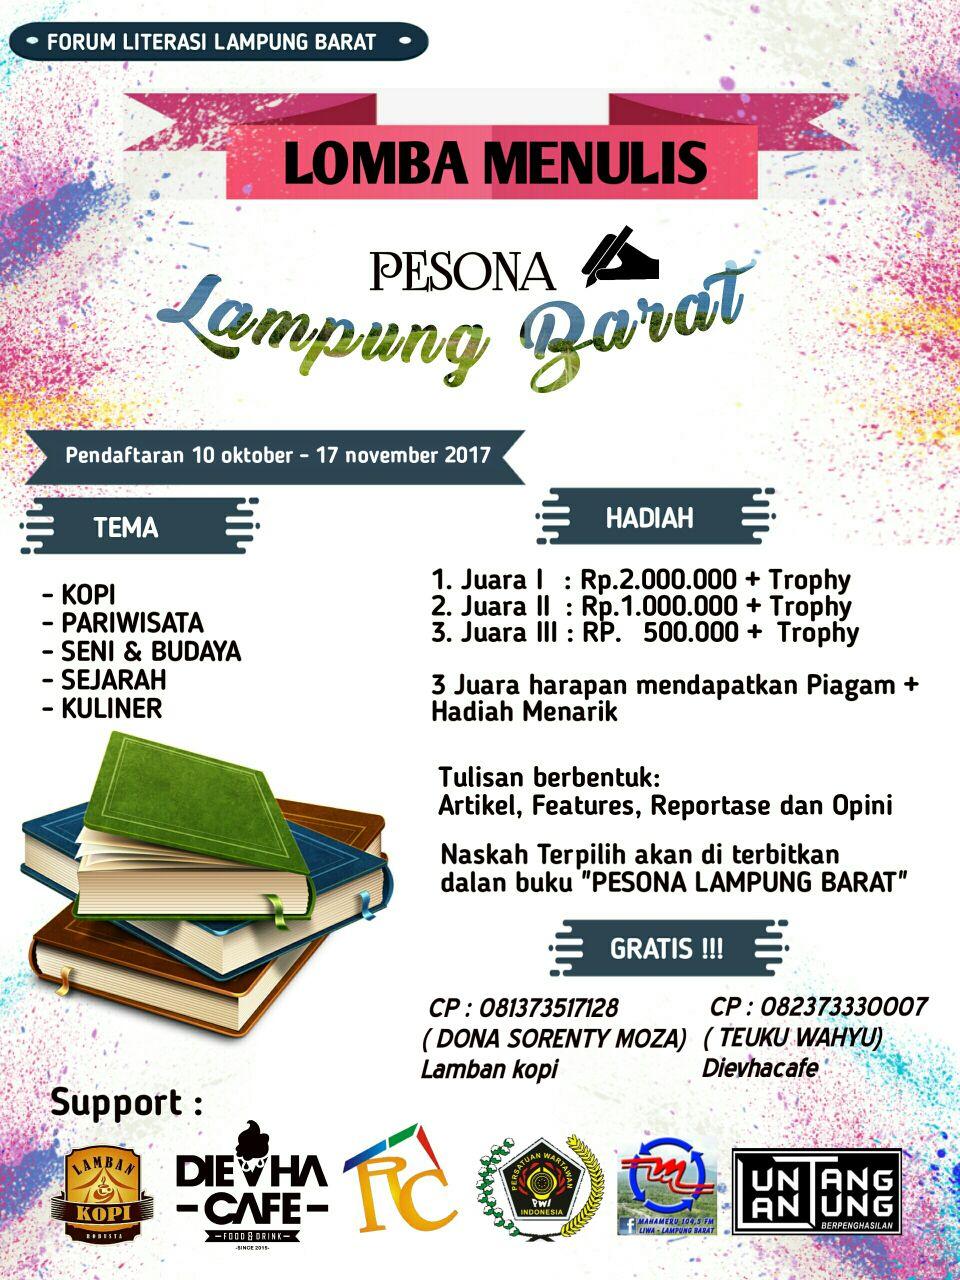 LAMPUNG POST | Forum Literasi-PWI Lambar Gelar Lomba Menulis Pariwisata